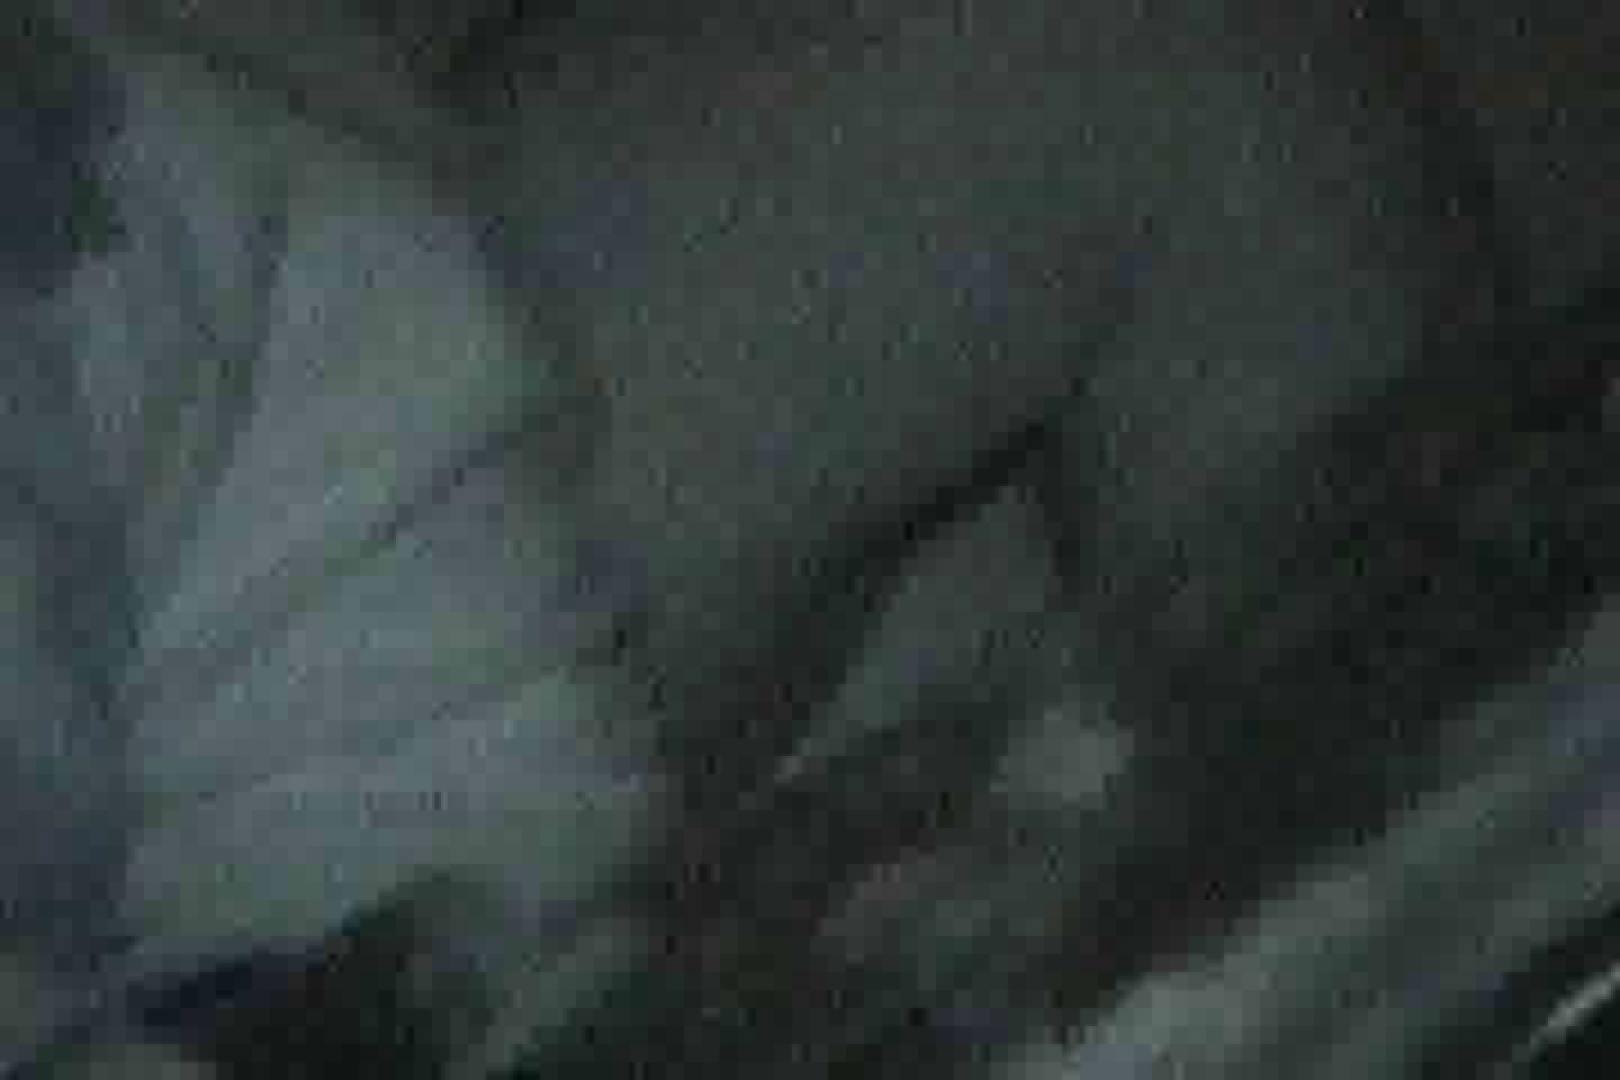 充血監督の深夜の運動会Vol.13 エロティックなOL  60画像 54